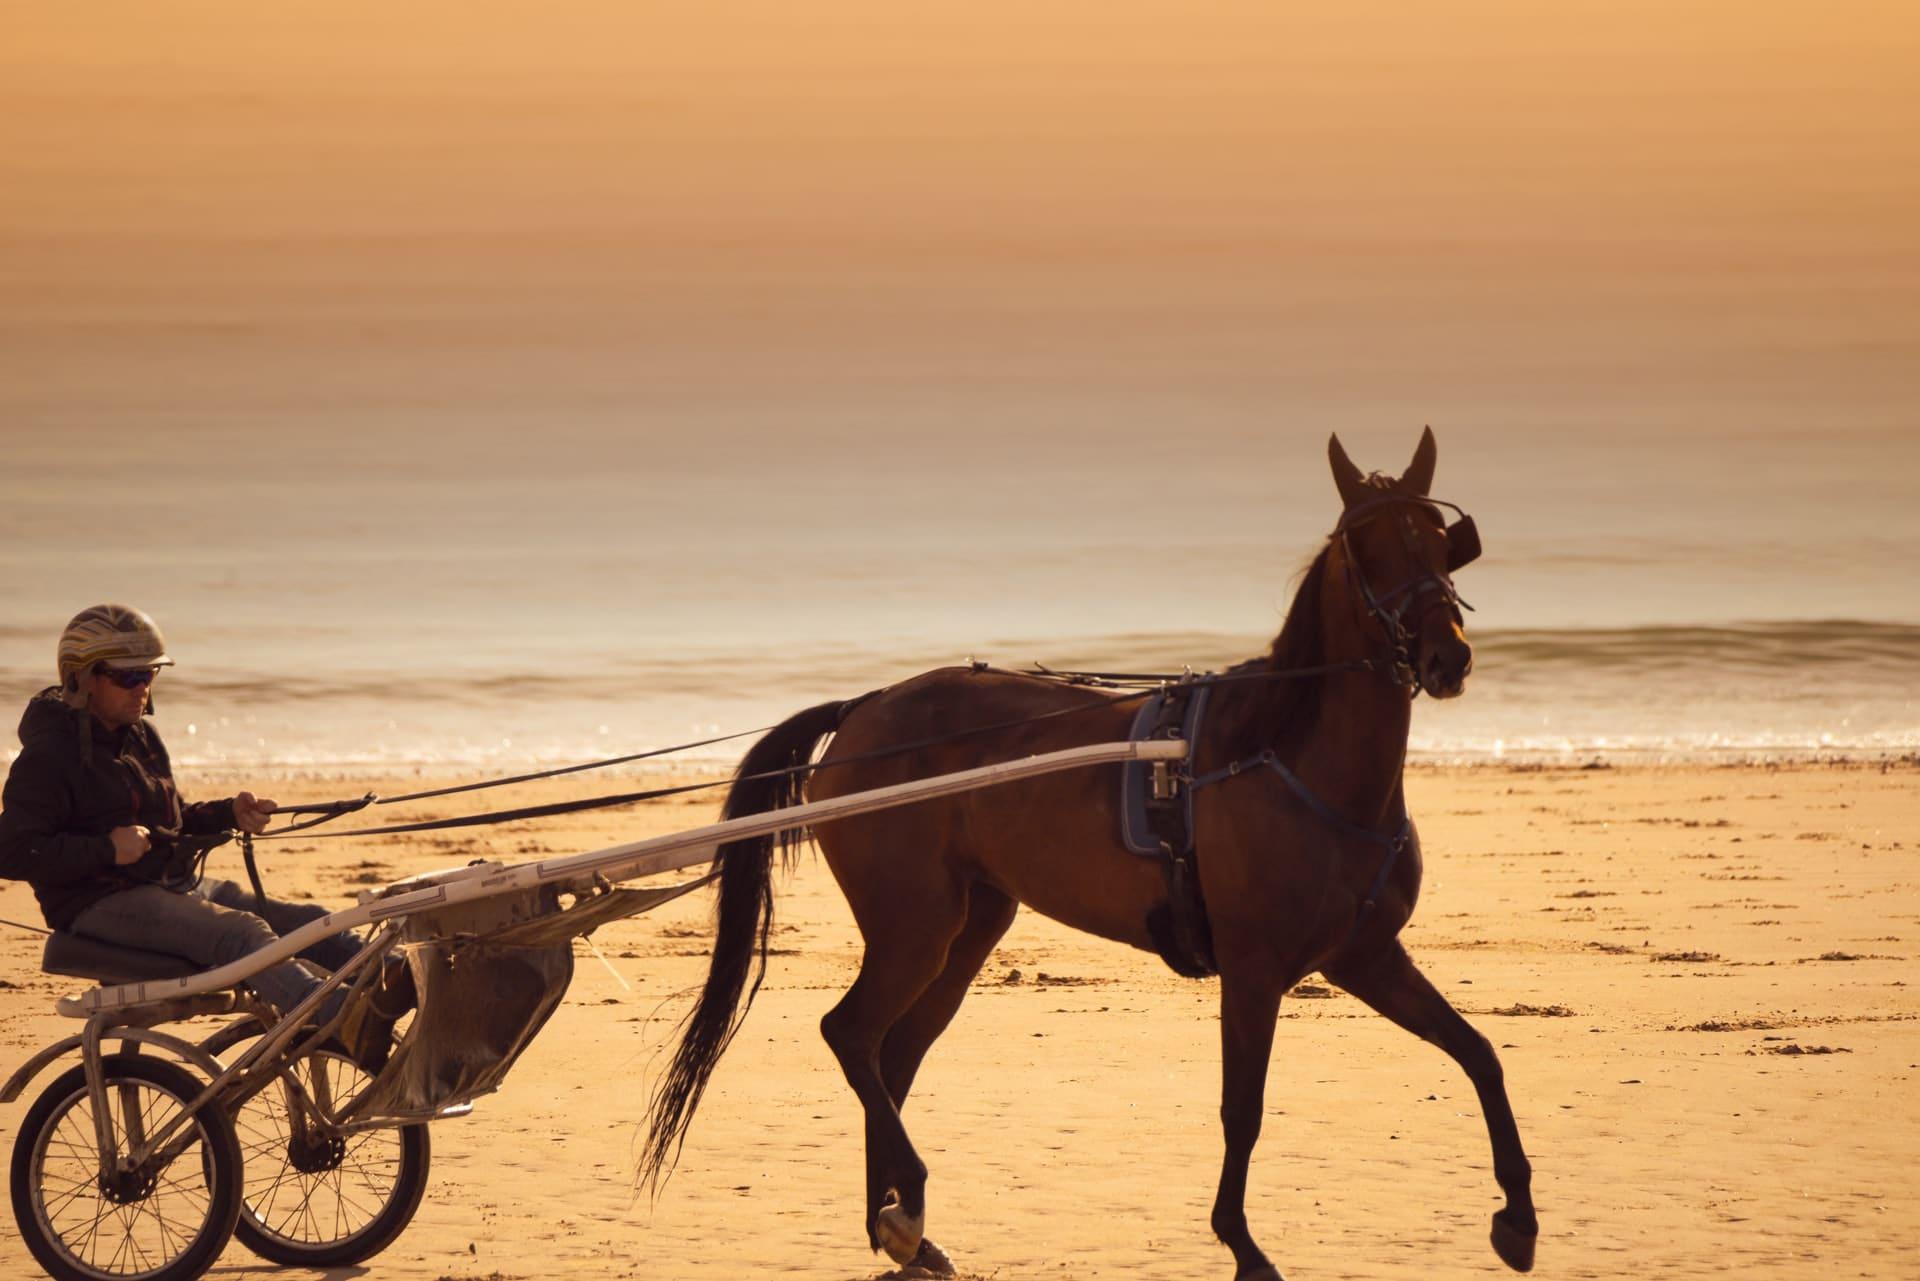 夏競馬を「つまらない」⇒「おもしろい」に変える2つの方法